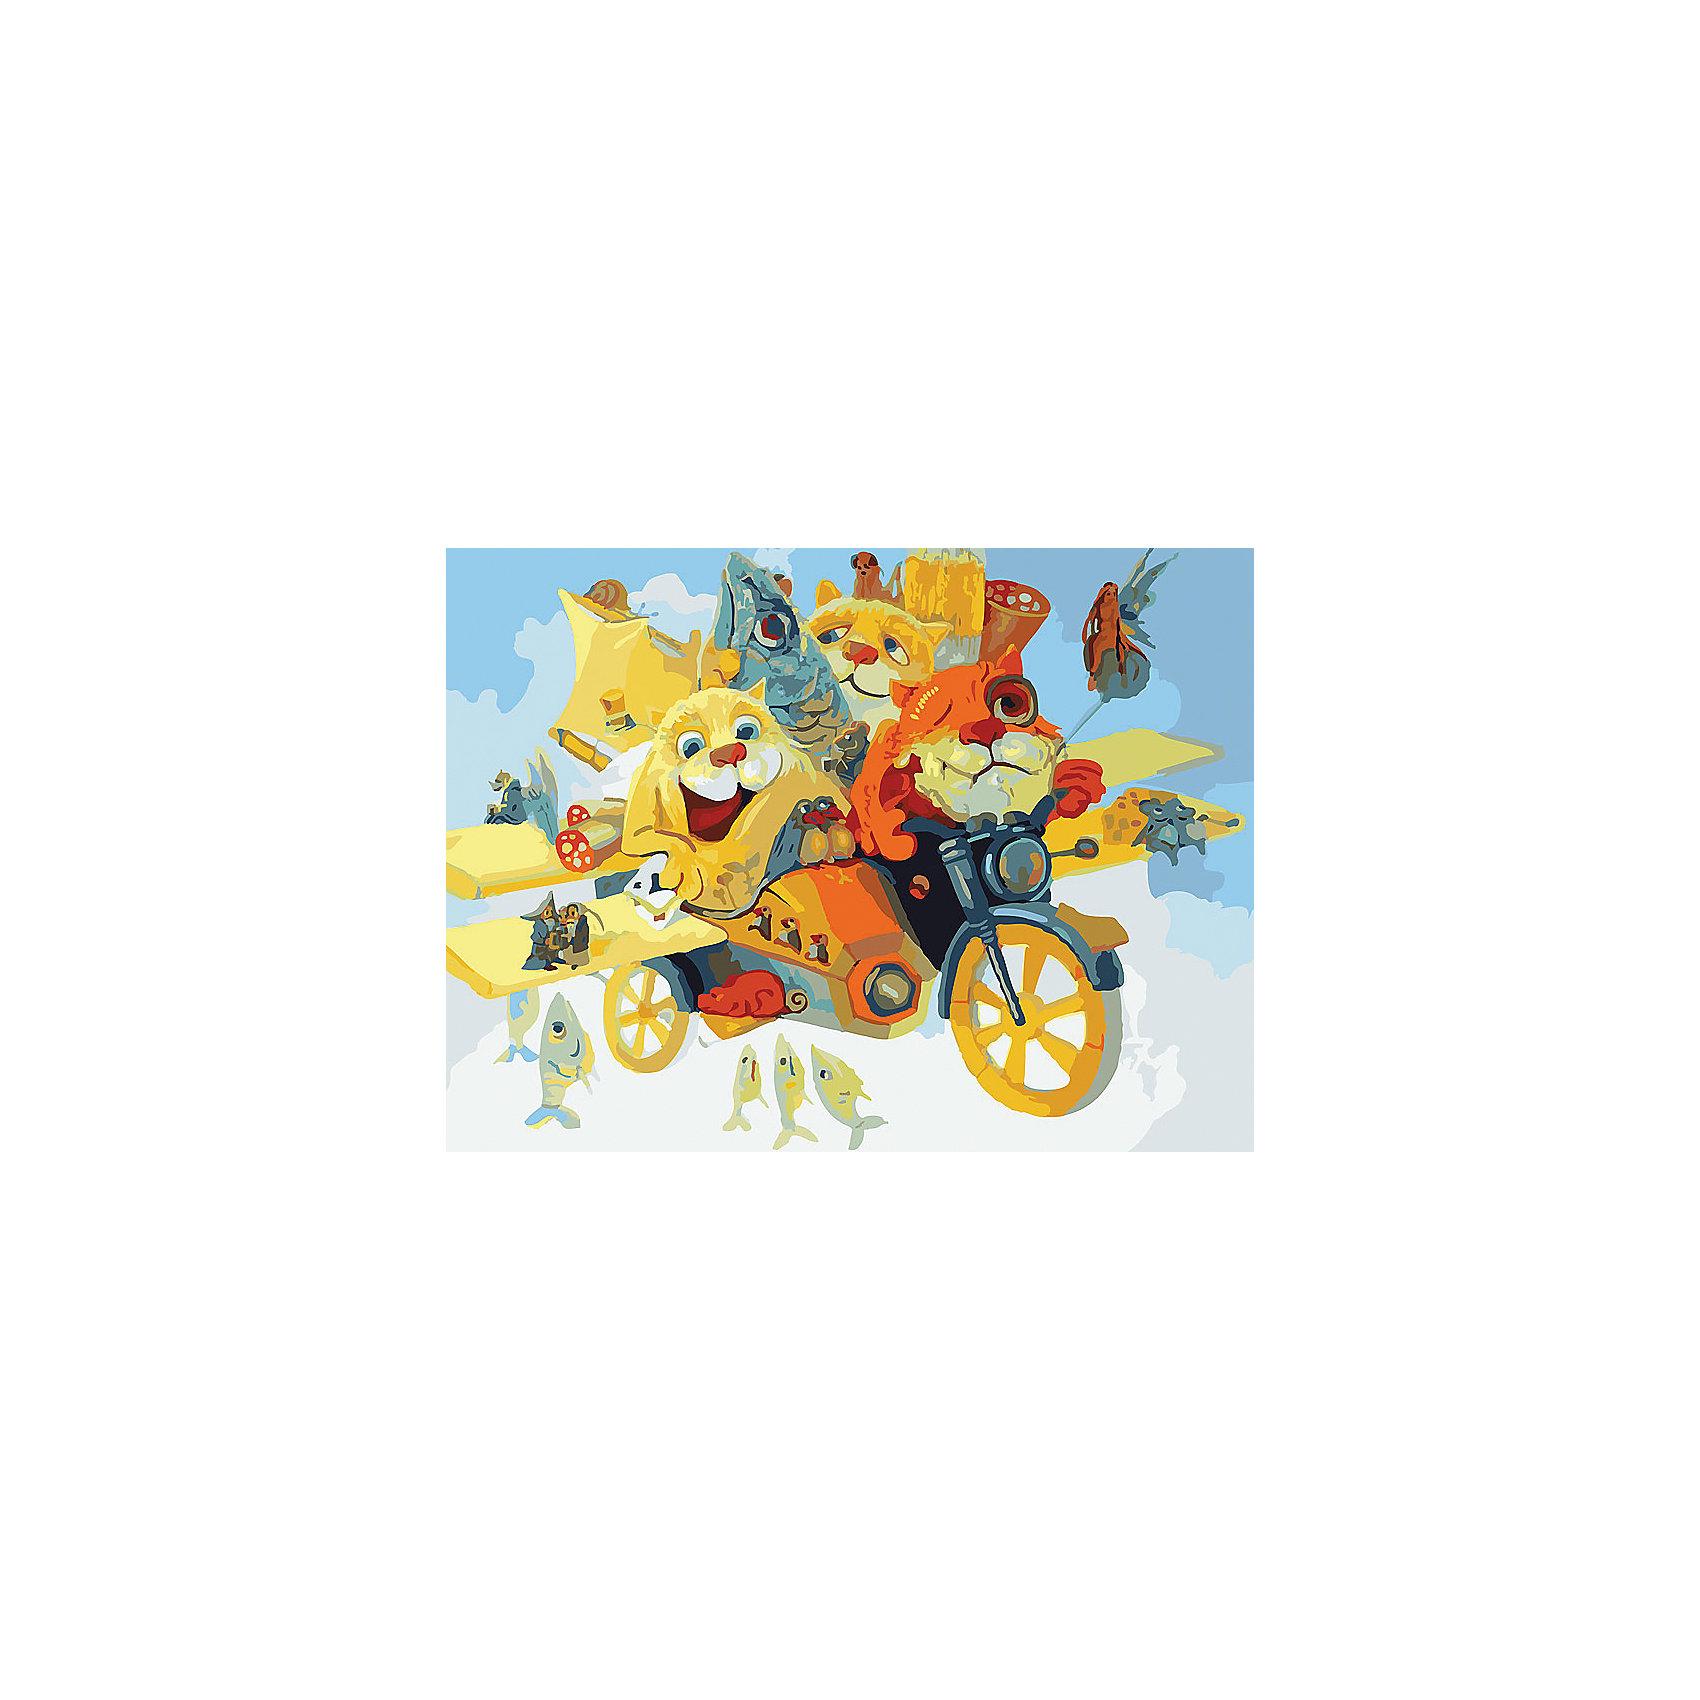 Живопись на холсте 30*40 см КотолётРисование<br>Характеристики товара:<br><br>• цвет: разноцветный<br>• материал: акрил, картон<br>• размер: 30 x 40 см<br>• комплектация: полотно на подрамнике с контурами рисунка, пробный лист с рисунком, набор акриловых красок, три кисти, крепление на стену для картины<br>• для детей от шести лет и взрослых<br>• не требует специальных навыков<br>• страна бренда: Китай<br>• страна изготовитель: Китай<br><br>Рисование - это занятие, которое любят многие дети и взрослые. Оно помогает развить важные навыки и просто приносит удовольствие! Чтобы вселить в ребенка уверенность в своих силах, можно предложить ему этот набор - в нем уже есть сюжет, контуры рисунка и участки с номерами, которые обозначают определенную краску из набора. Все оттенки уже готовы, задача художника - аккуратно, с помощью кисточек из набора, нанести краски на определенный участок полотна.<br>Взрослым также понравится этот процесс, рисовать можно и вместе с малышом! В итоге получается красивая картина, которой можно украсить интерьер. Рисование способствует развитию мелкой моторики, воображения, цветовосприятия, творческих способностей и усидчивости. Набор отлично проработан, сделан из качественных и проверенных материалов, которые безопасны для детей. Краски - акриловые, они быстро сохнут и легко смываются с кожи.<br><br>Живопись на холсте 30*40 см Котолёт от торговой марки Белоснежка можно купить в нашем интернет-магазине.<br><br>Ширина мм: 410<br>Глубина мм: 310<br>Высота мм: 25<br>Вес г: 567<br>Возраст от месяцев: 72<br>Возраст до месяцев: 144<br>Пол: Унисекс<br>Возраст: Детский<br>SKU: 5089662